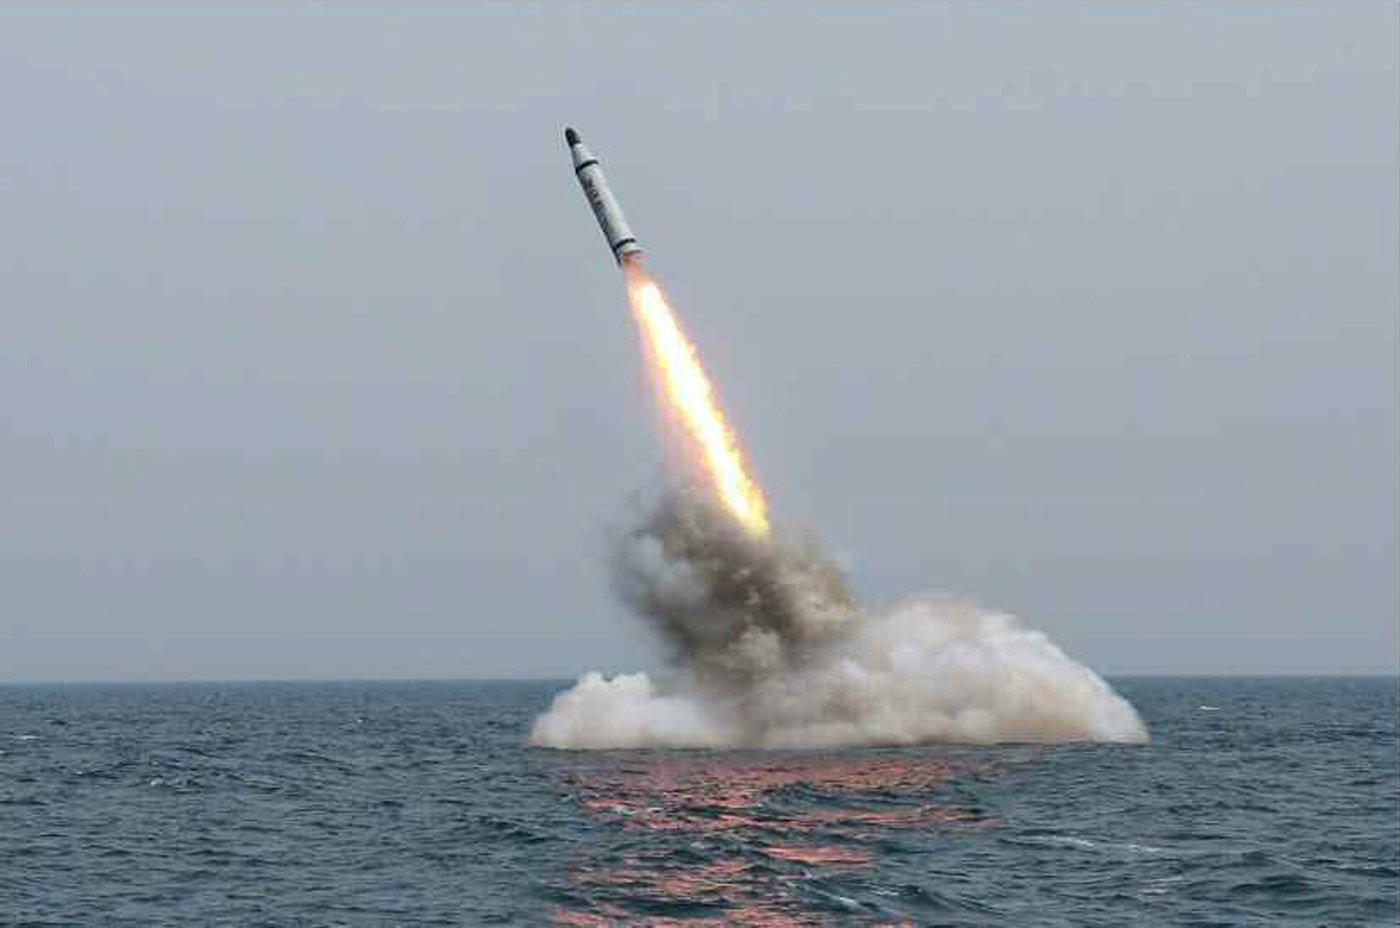 Подводный крейсер «Томск» провел запуск крылатой ракеты наКамчатке